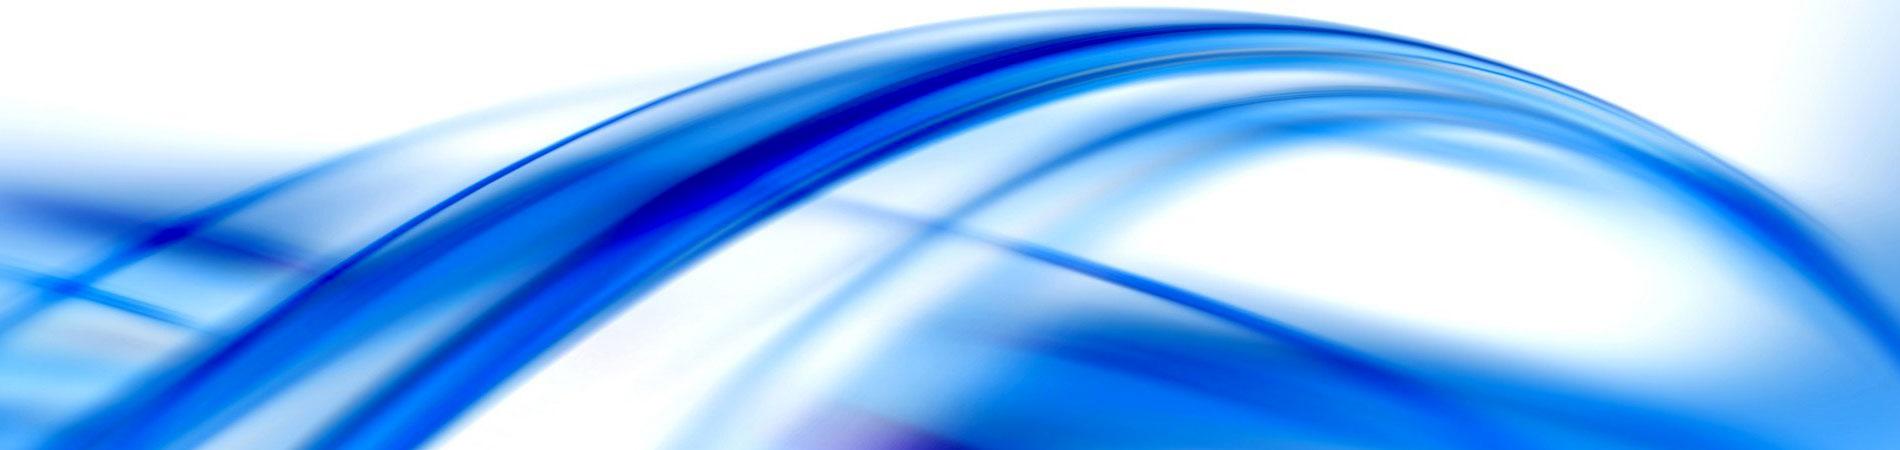 sfondo-bianco-e-blu